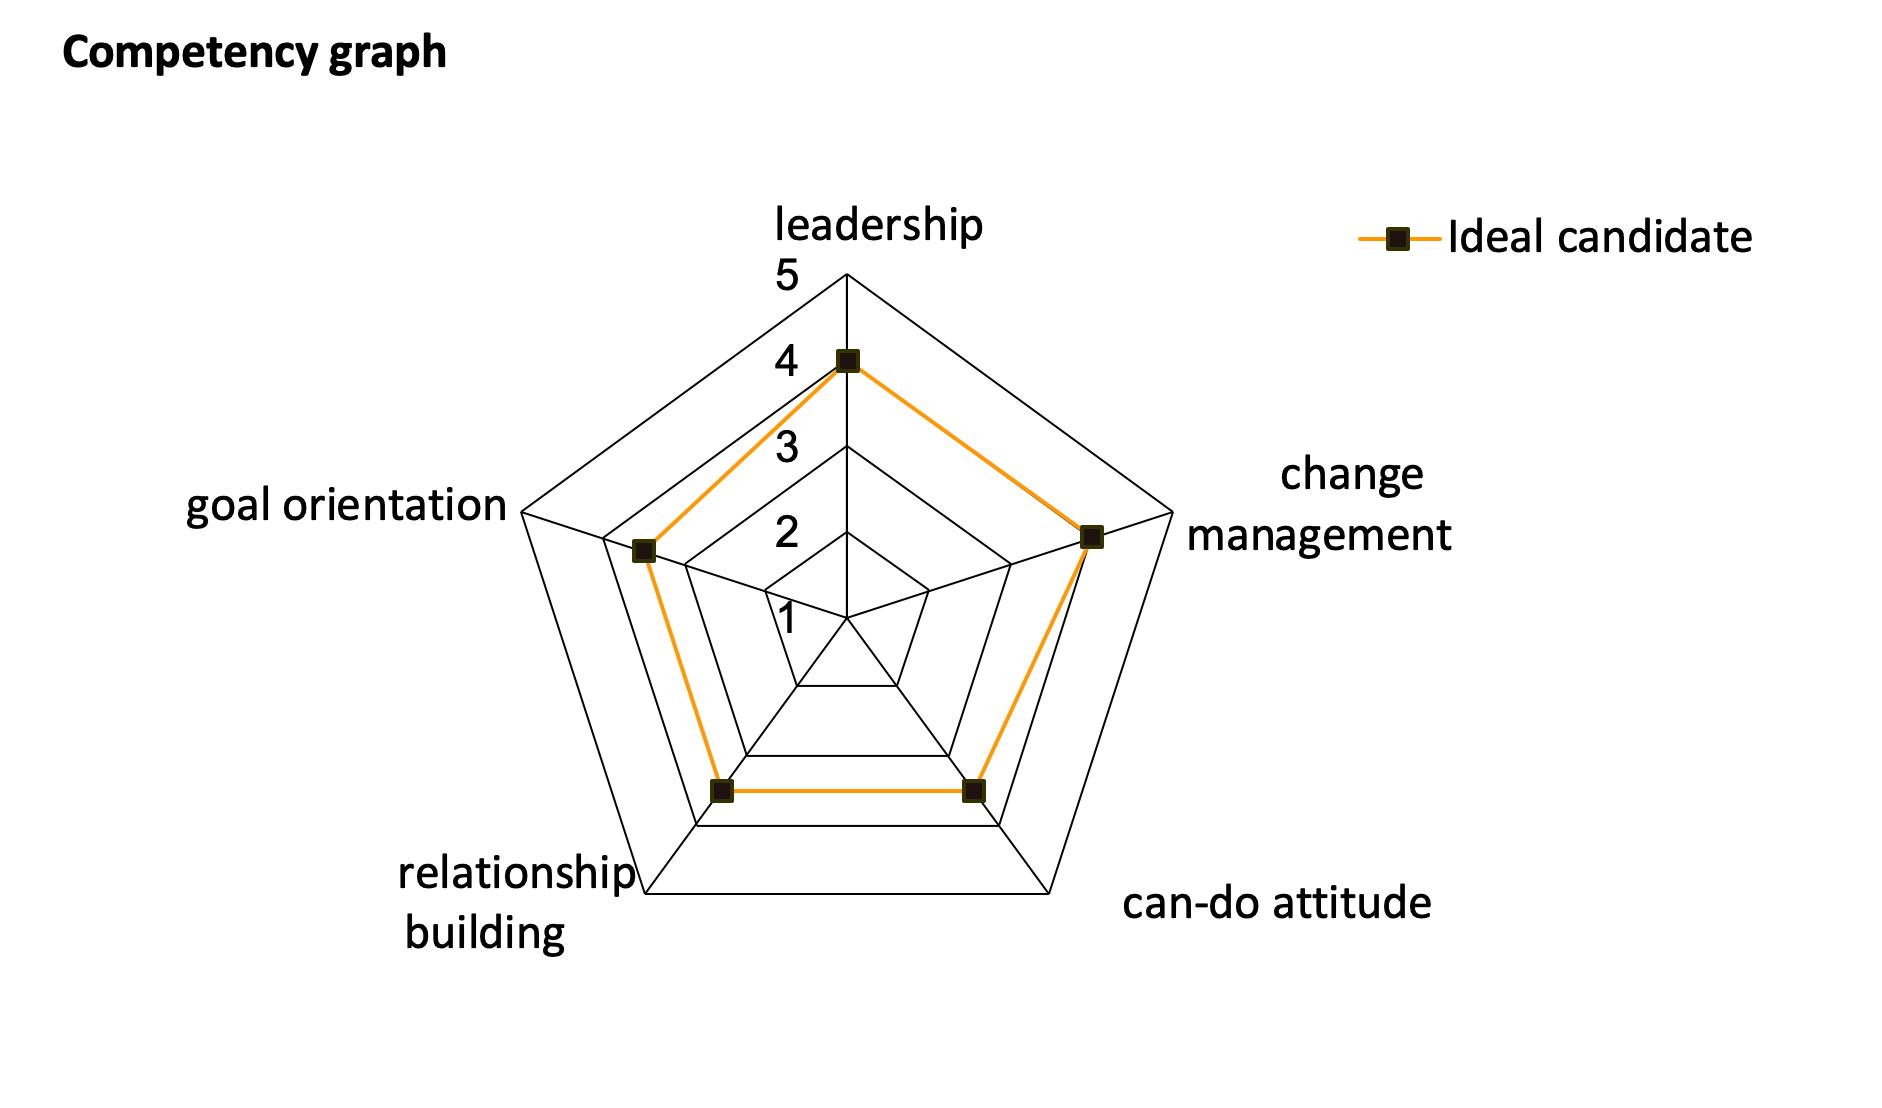 ocena kompetencji - wykres radarowy